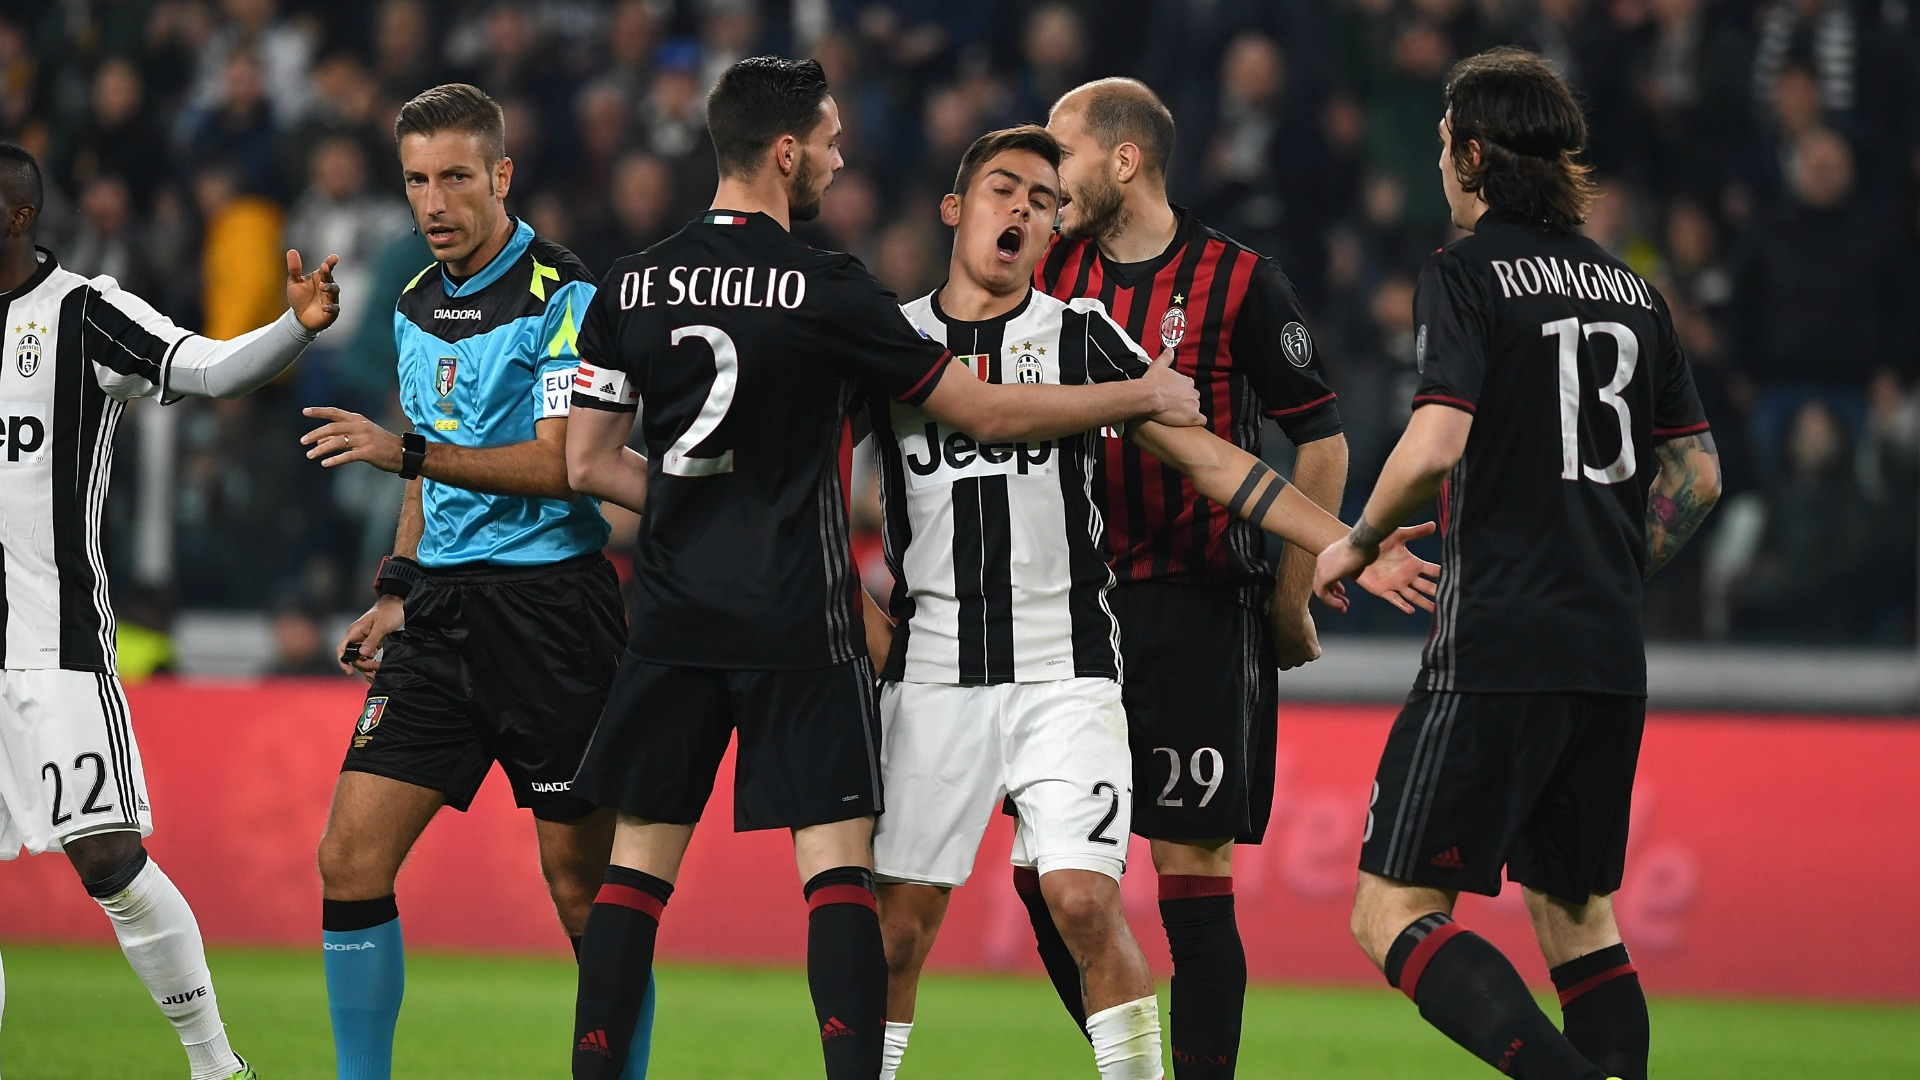 Juve-Milan: per Garanzini, Mura e la Gazzetta il rigore non c'è (o quasi)